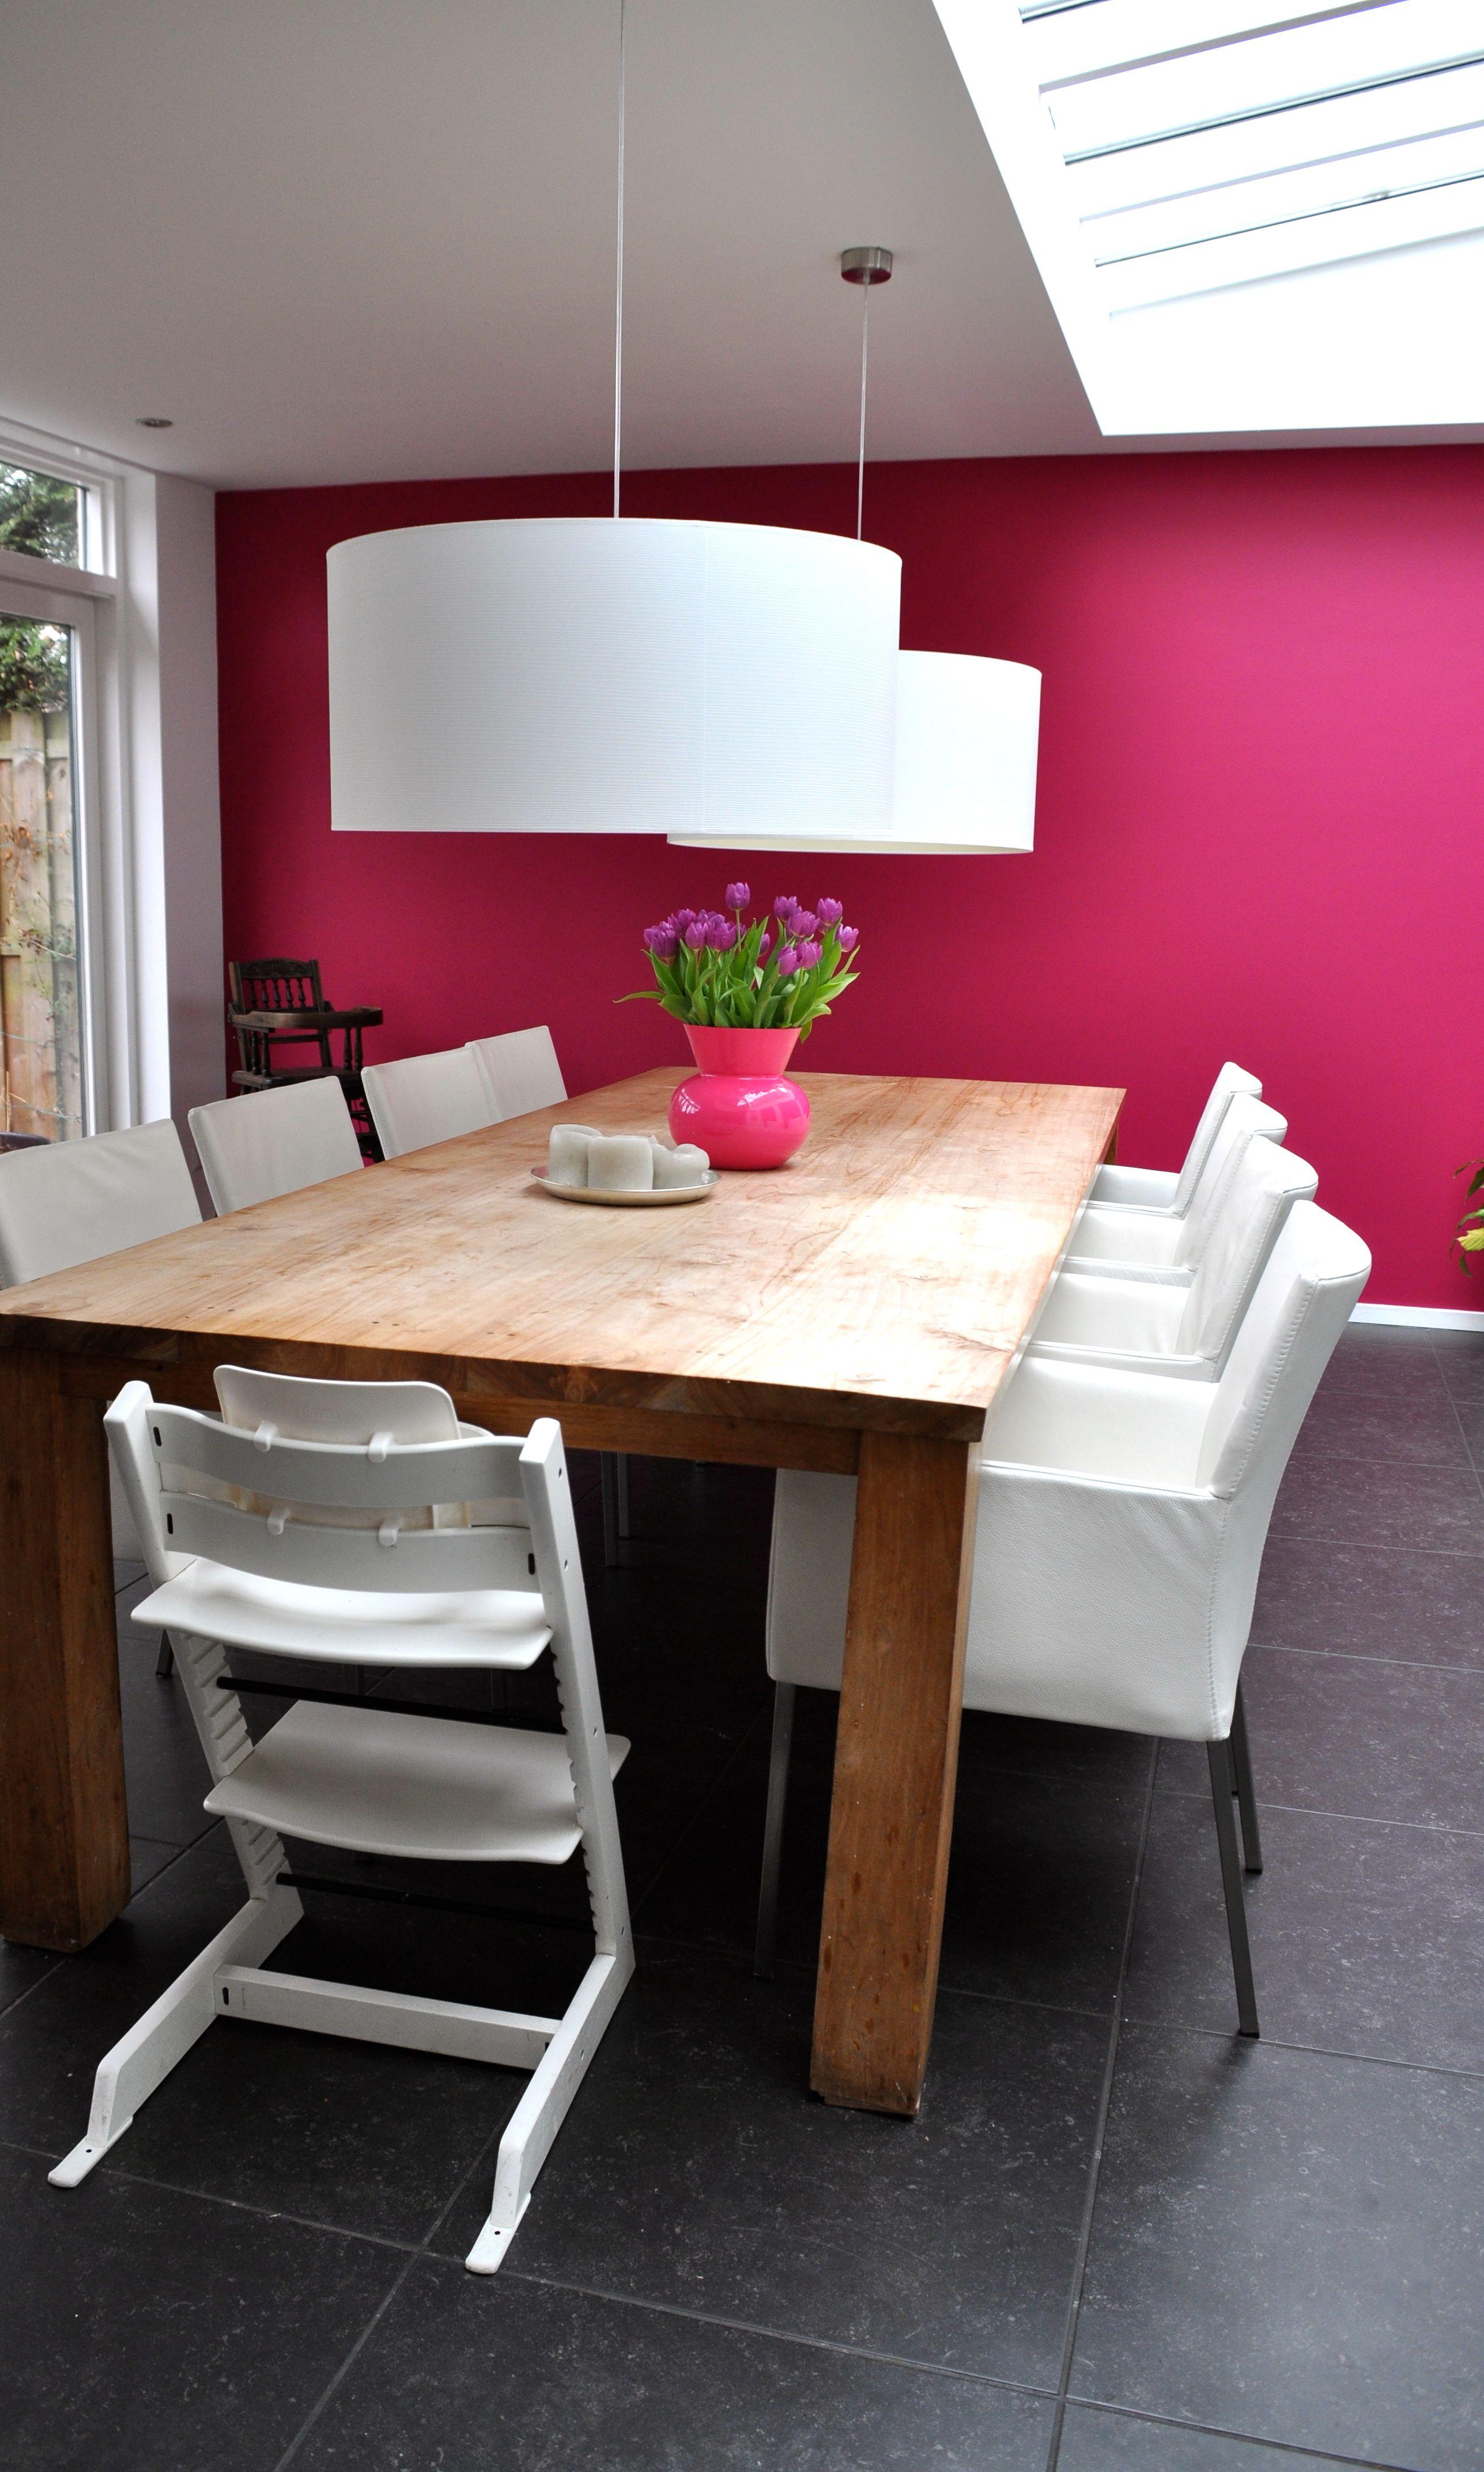 licht roze muurverf Google zoeken home.color